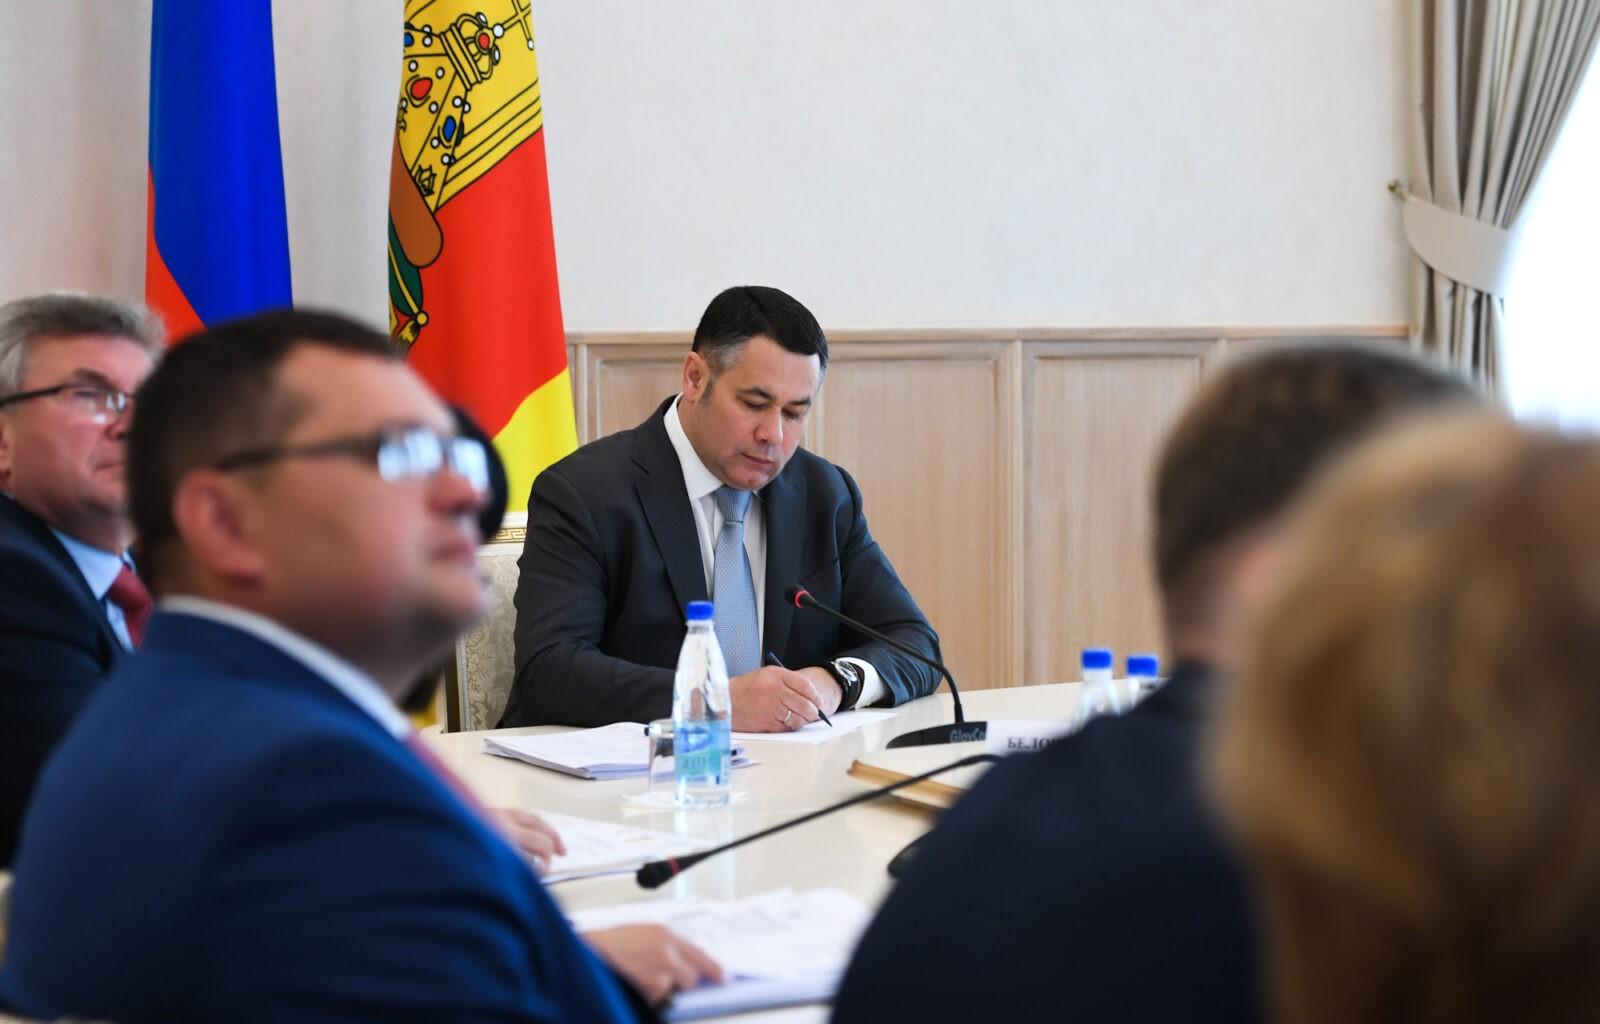 Игорь Руденя обсудил направления развития региона с членами Правительства Тверской области